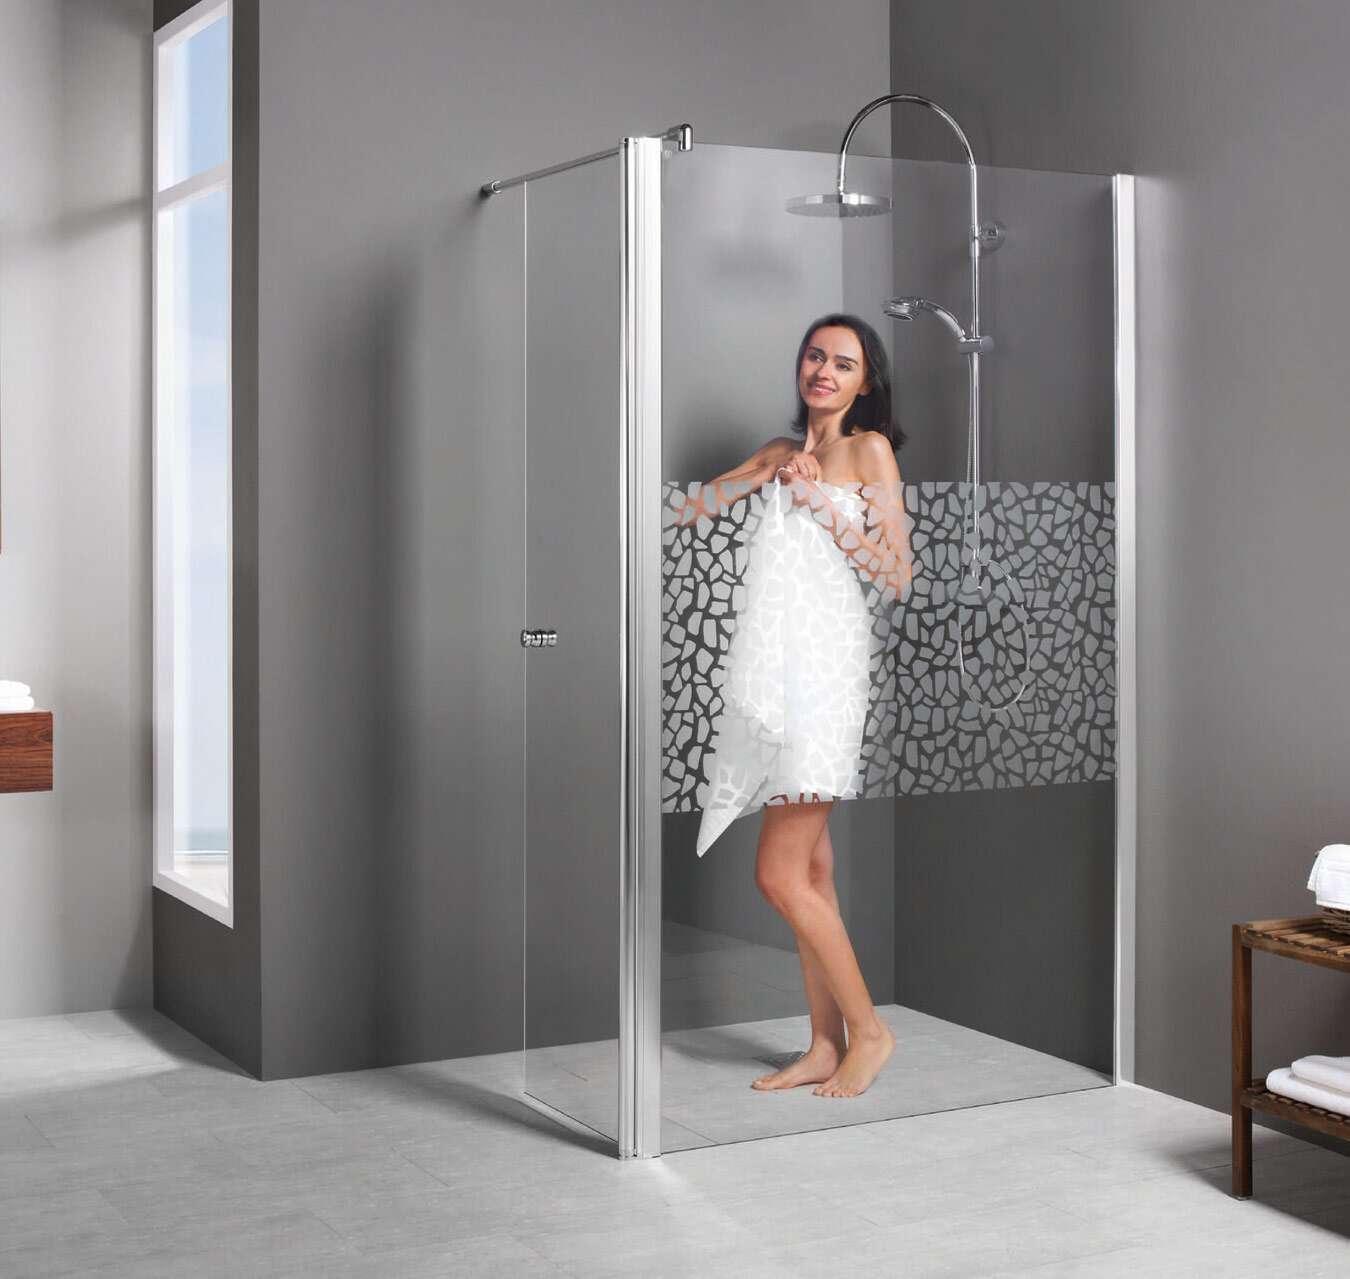 breuer duschwand entra walk in freistehend mit beweglichem element. Black Bedroom Furniture Sets. Home Design Ideas